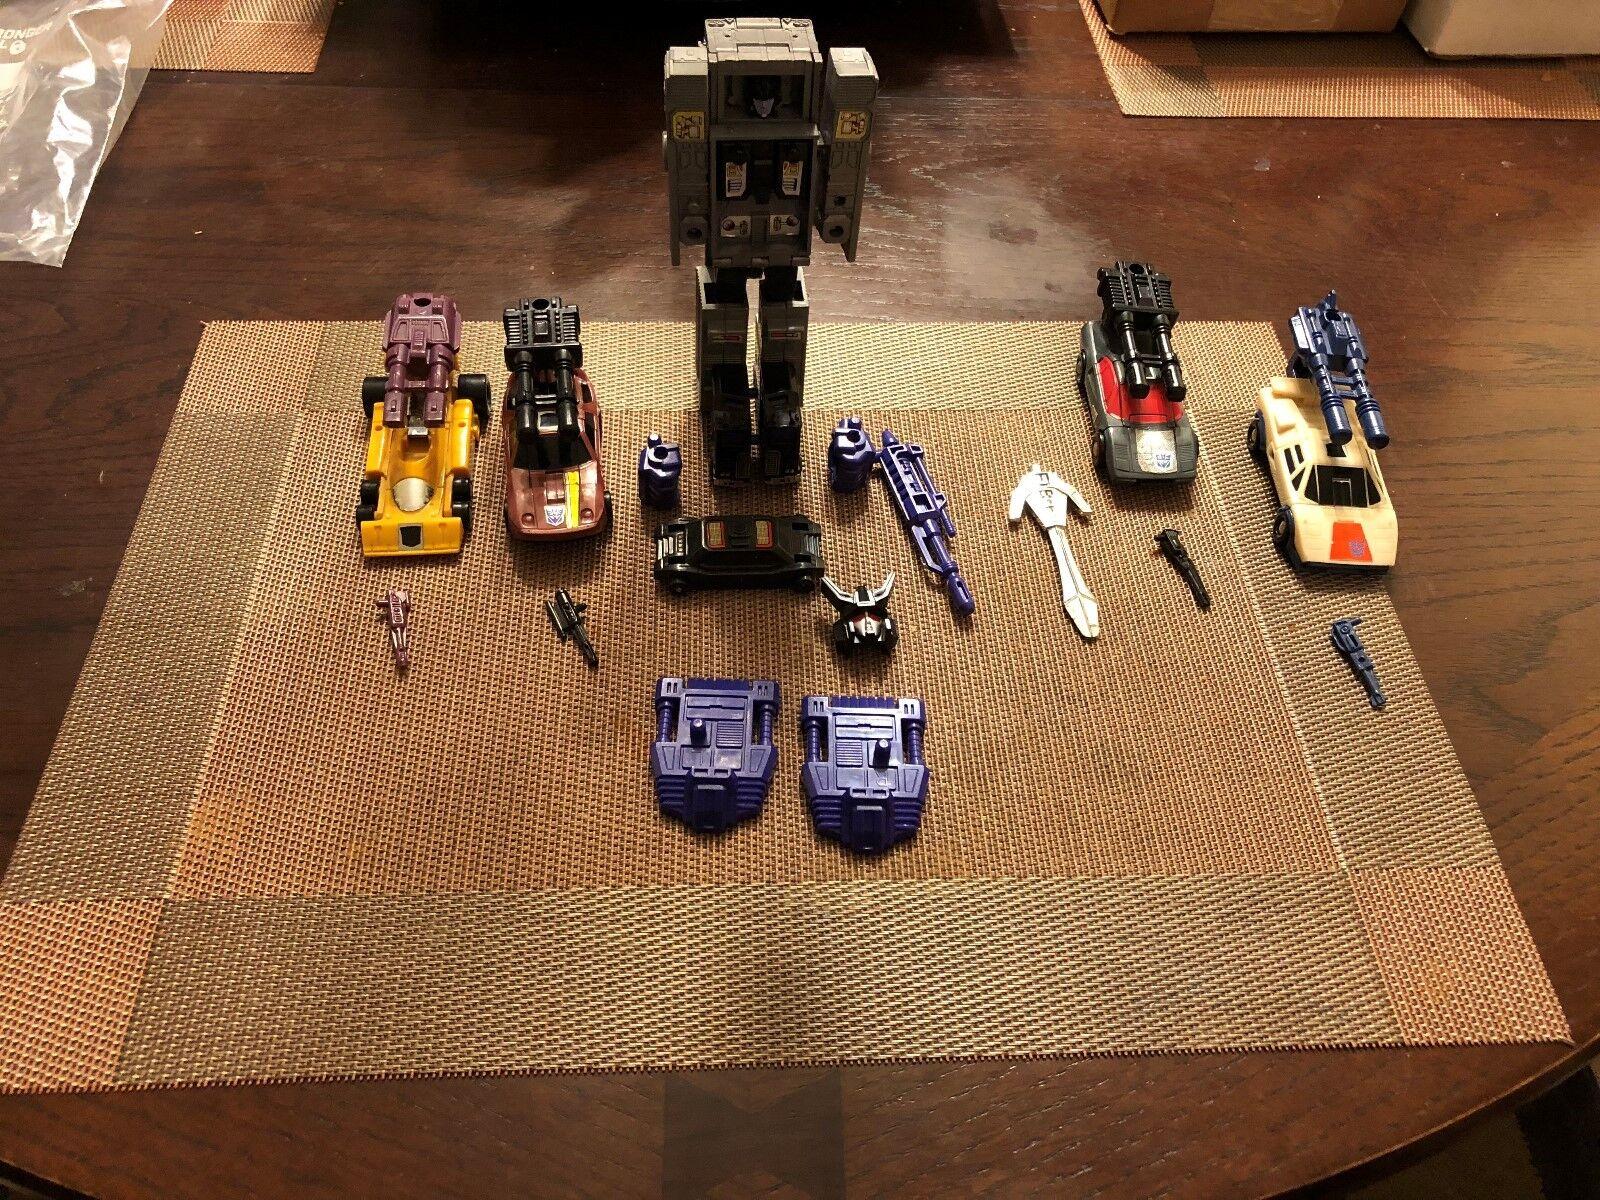 Vintage  1986 Transformers G1 Hommesasor stunticons en bon état  profitez de 50% de réduction